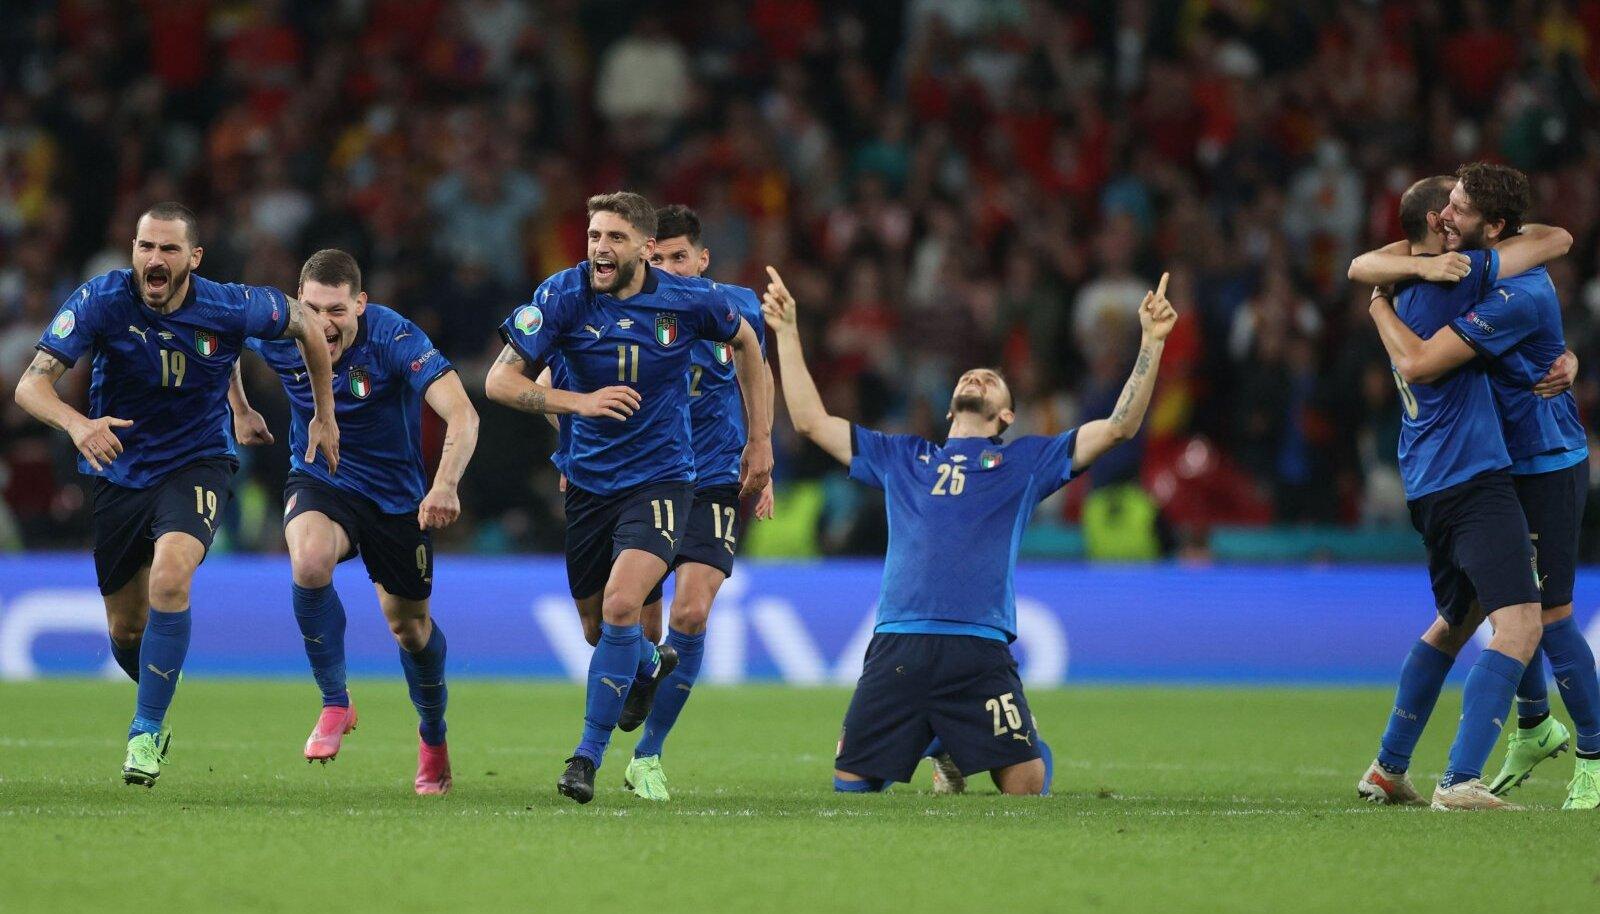 Itaalia koondis võitu tähistamas.